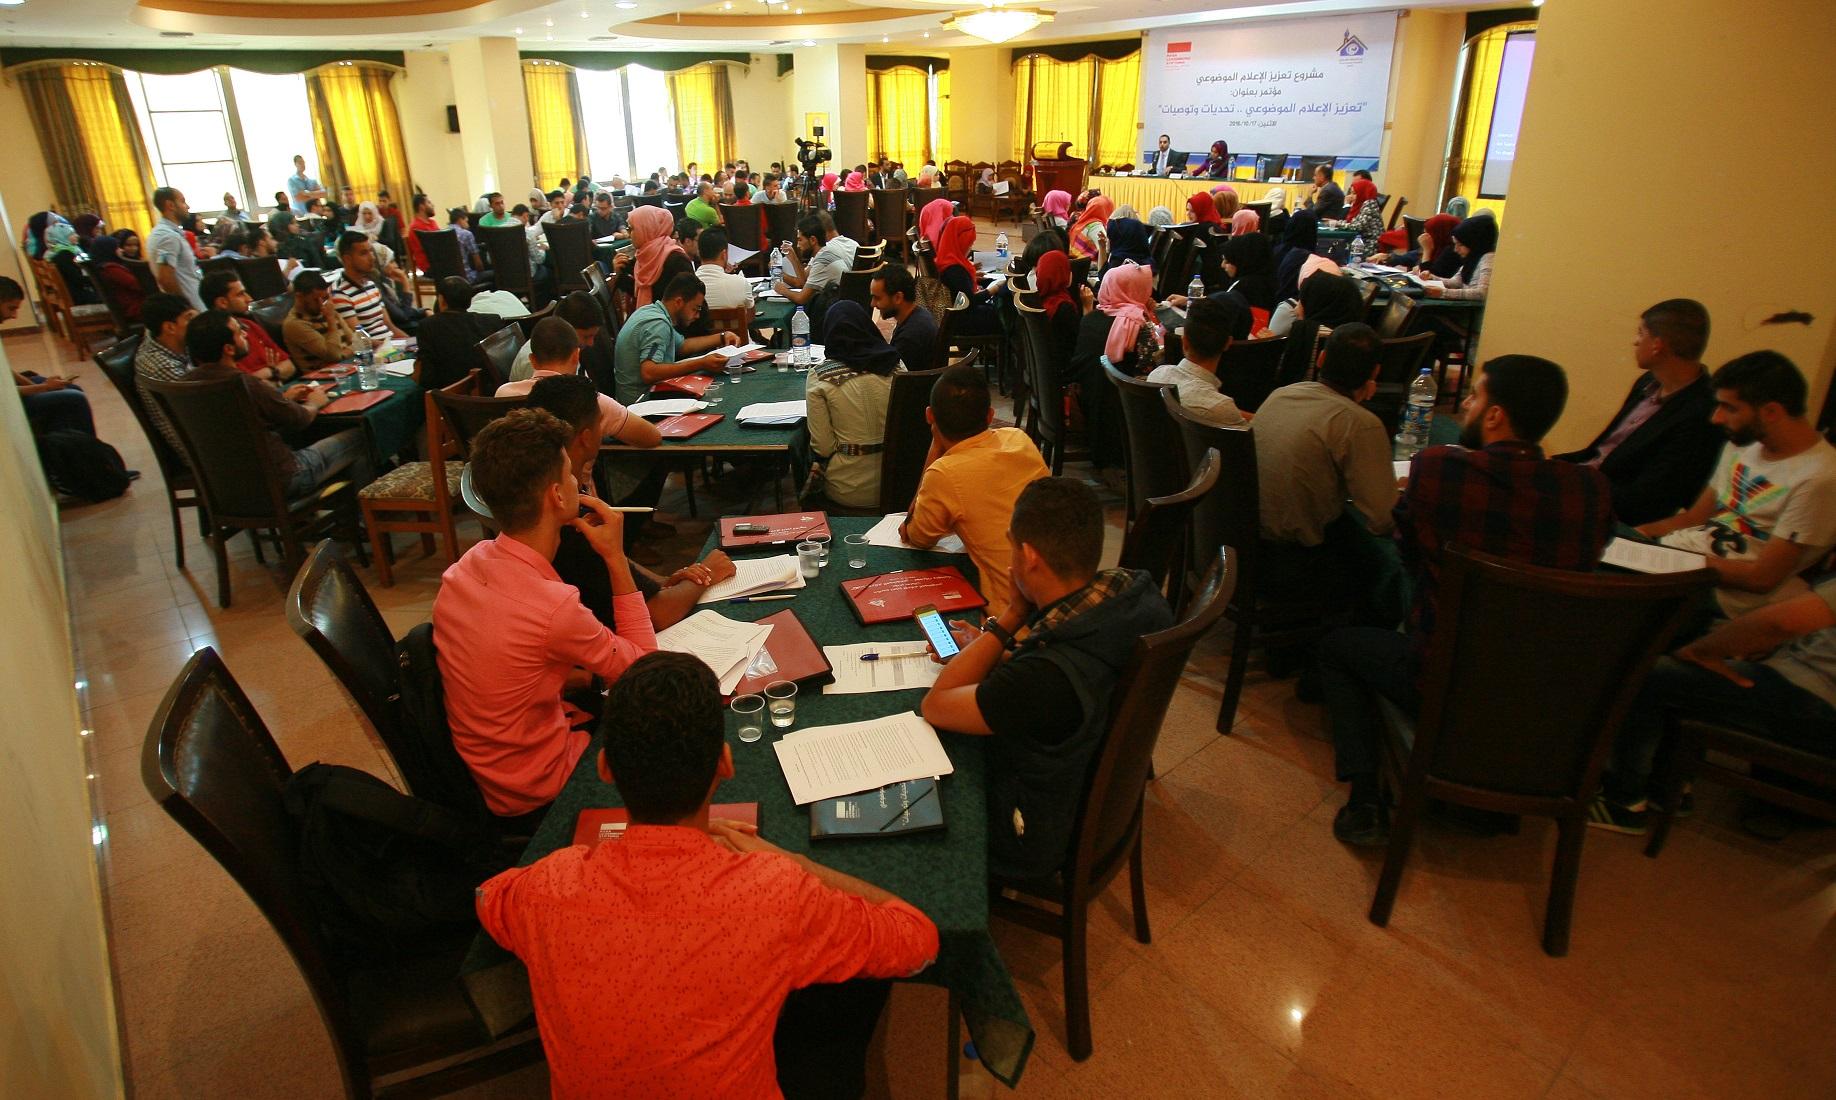 بحضور 220 اعلامي جديد.. بيت الصحافة يعقد مؤتمراً بعنوان 'تعزيز الاعلام الموضوعي تحديات وتوصيات'